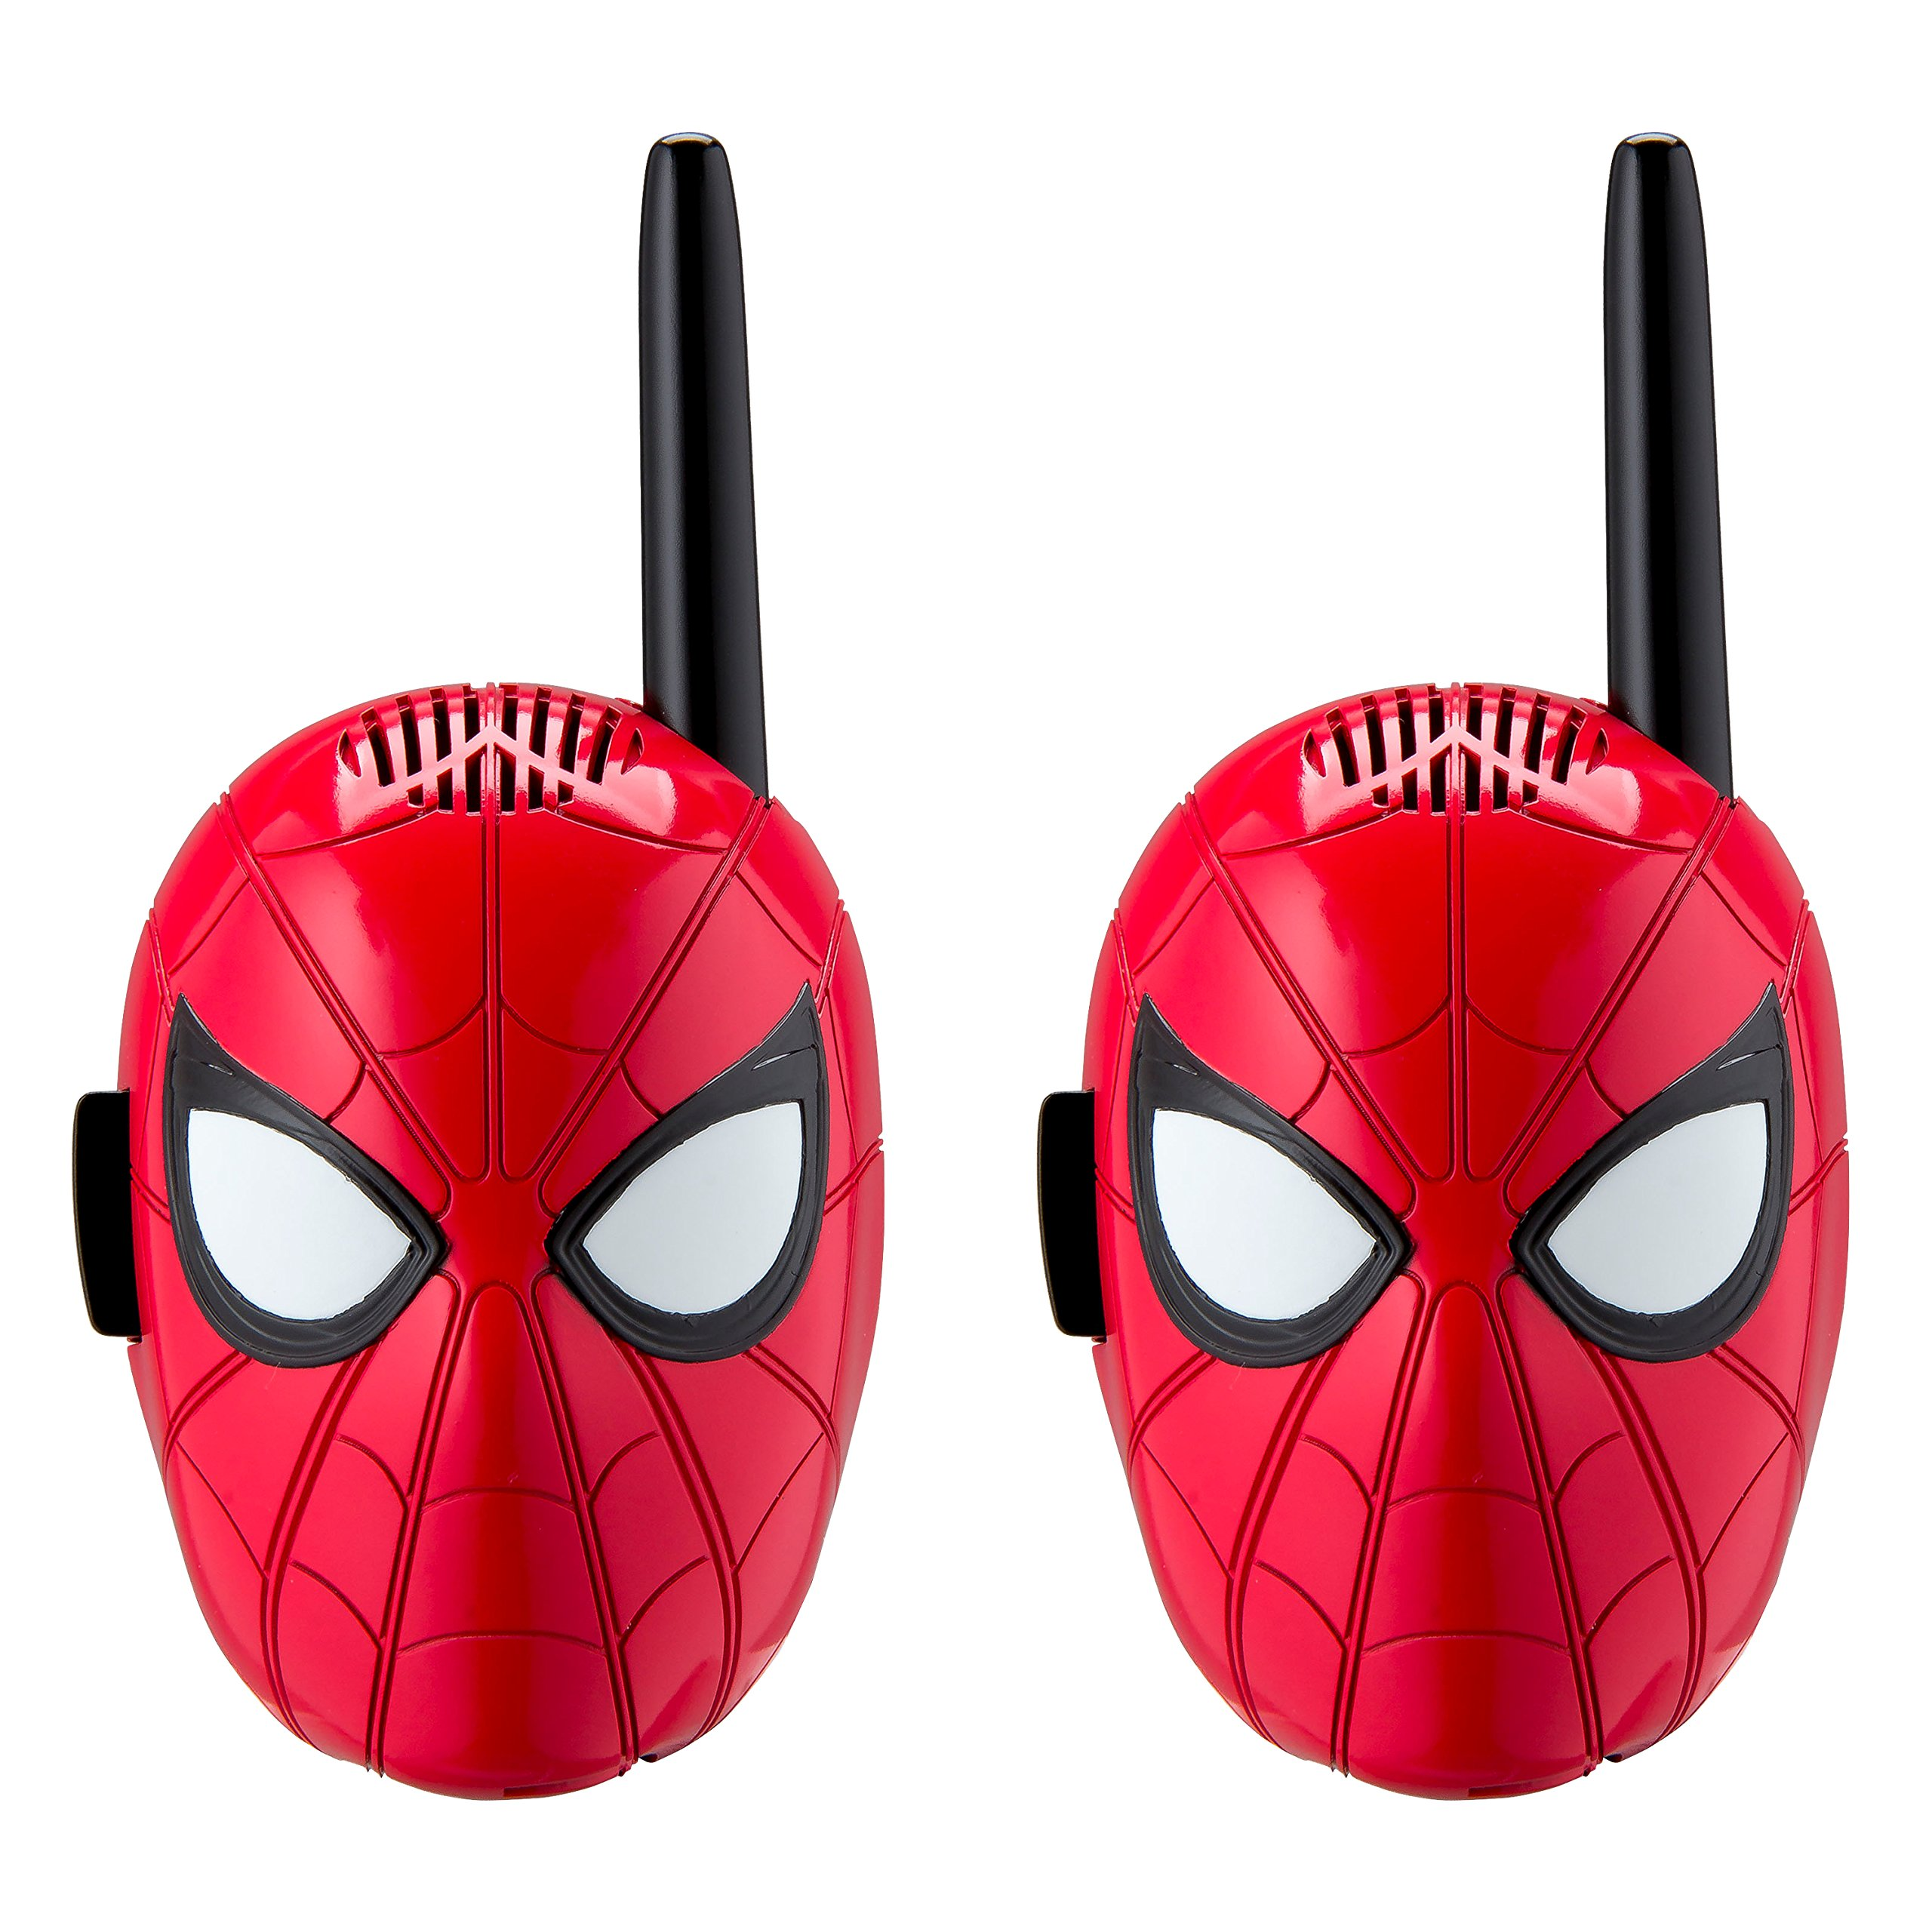 Spiderman Walkie Talkies for Kids Static Free Extended Range Kid Friendly Easy to Use 2 Way Walkie Talkies by eKids (Image #8)